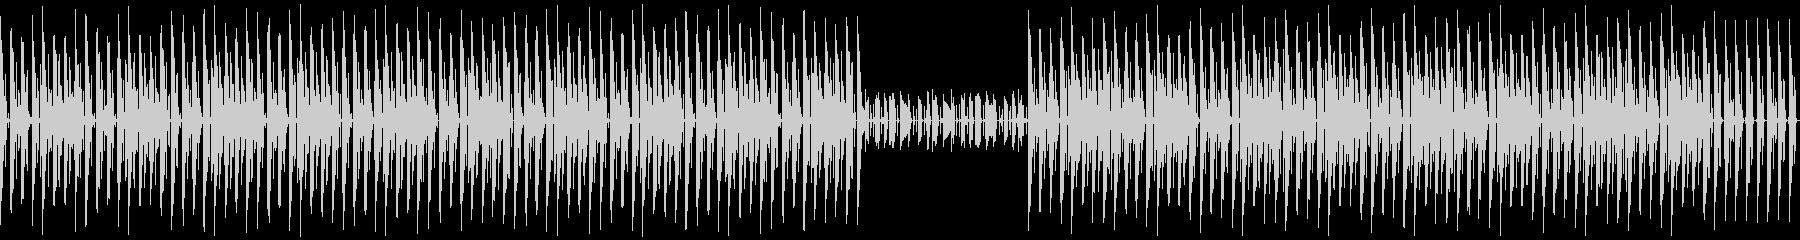 軽快なリズムでノリの良いBGM(ループ可の未再生の波形